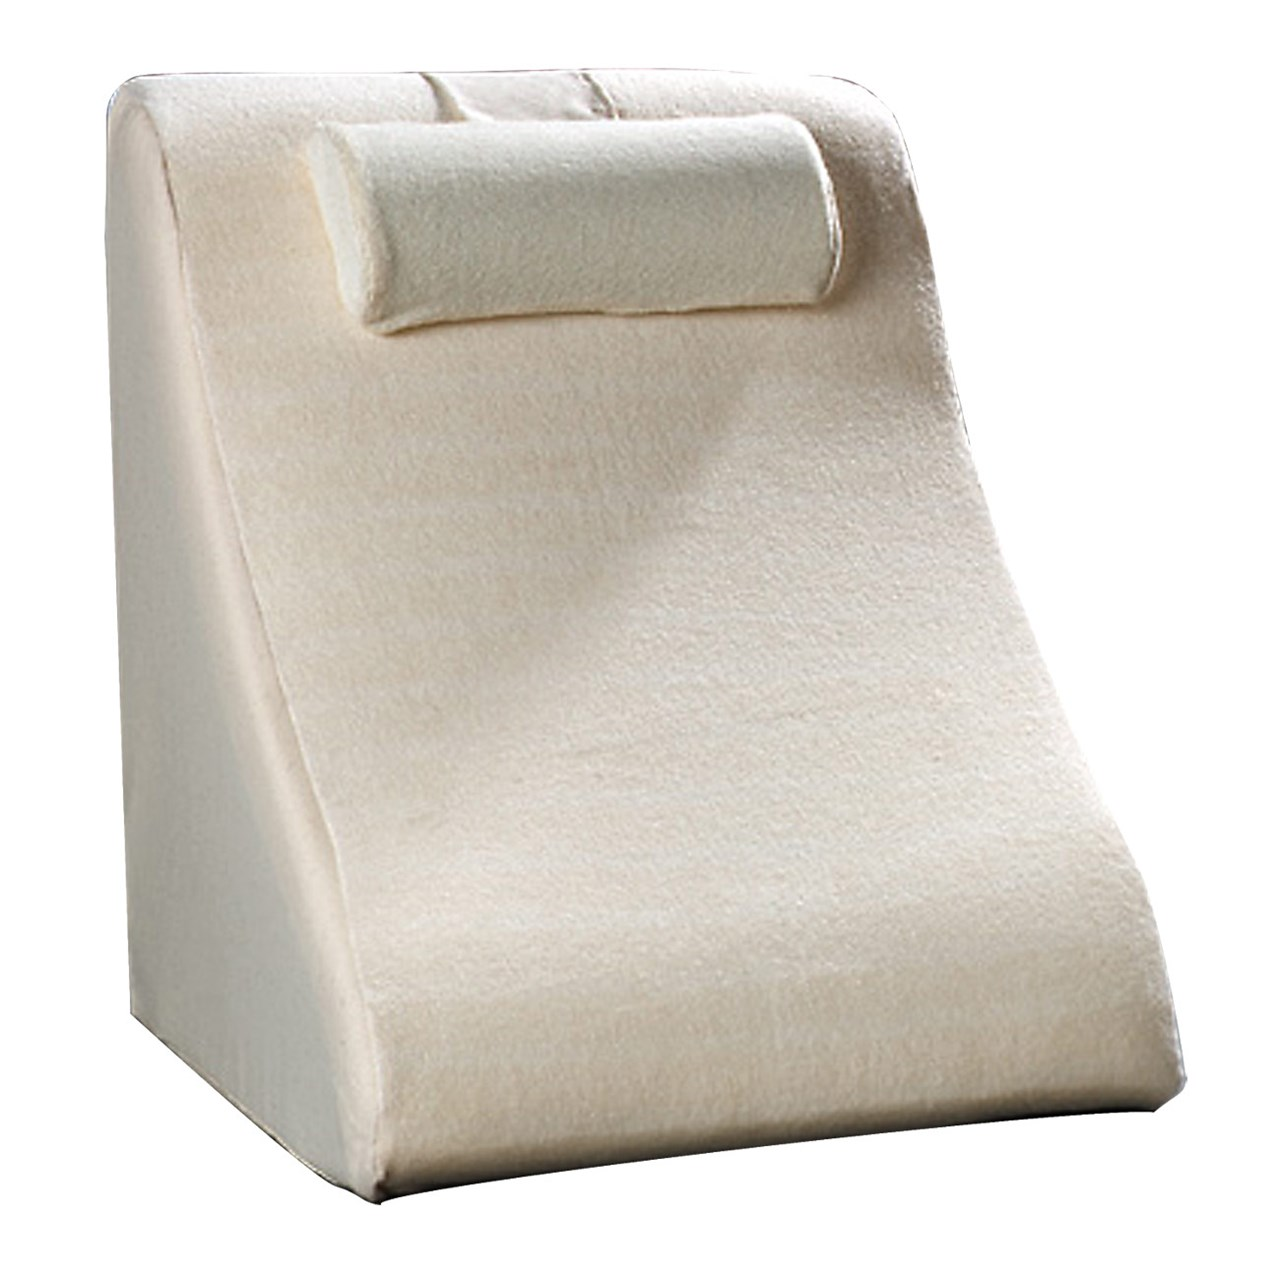 large foam wedge online